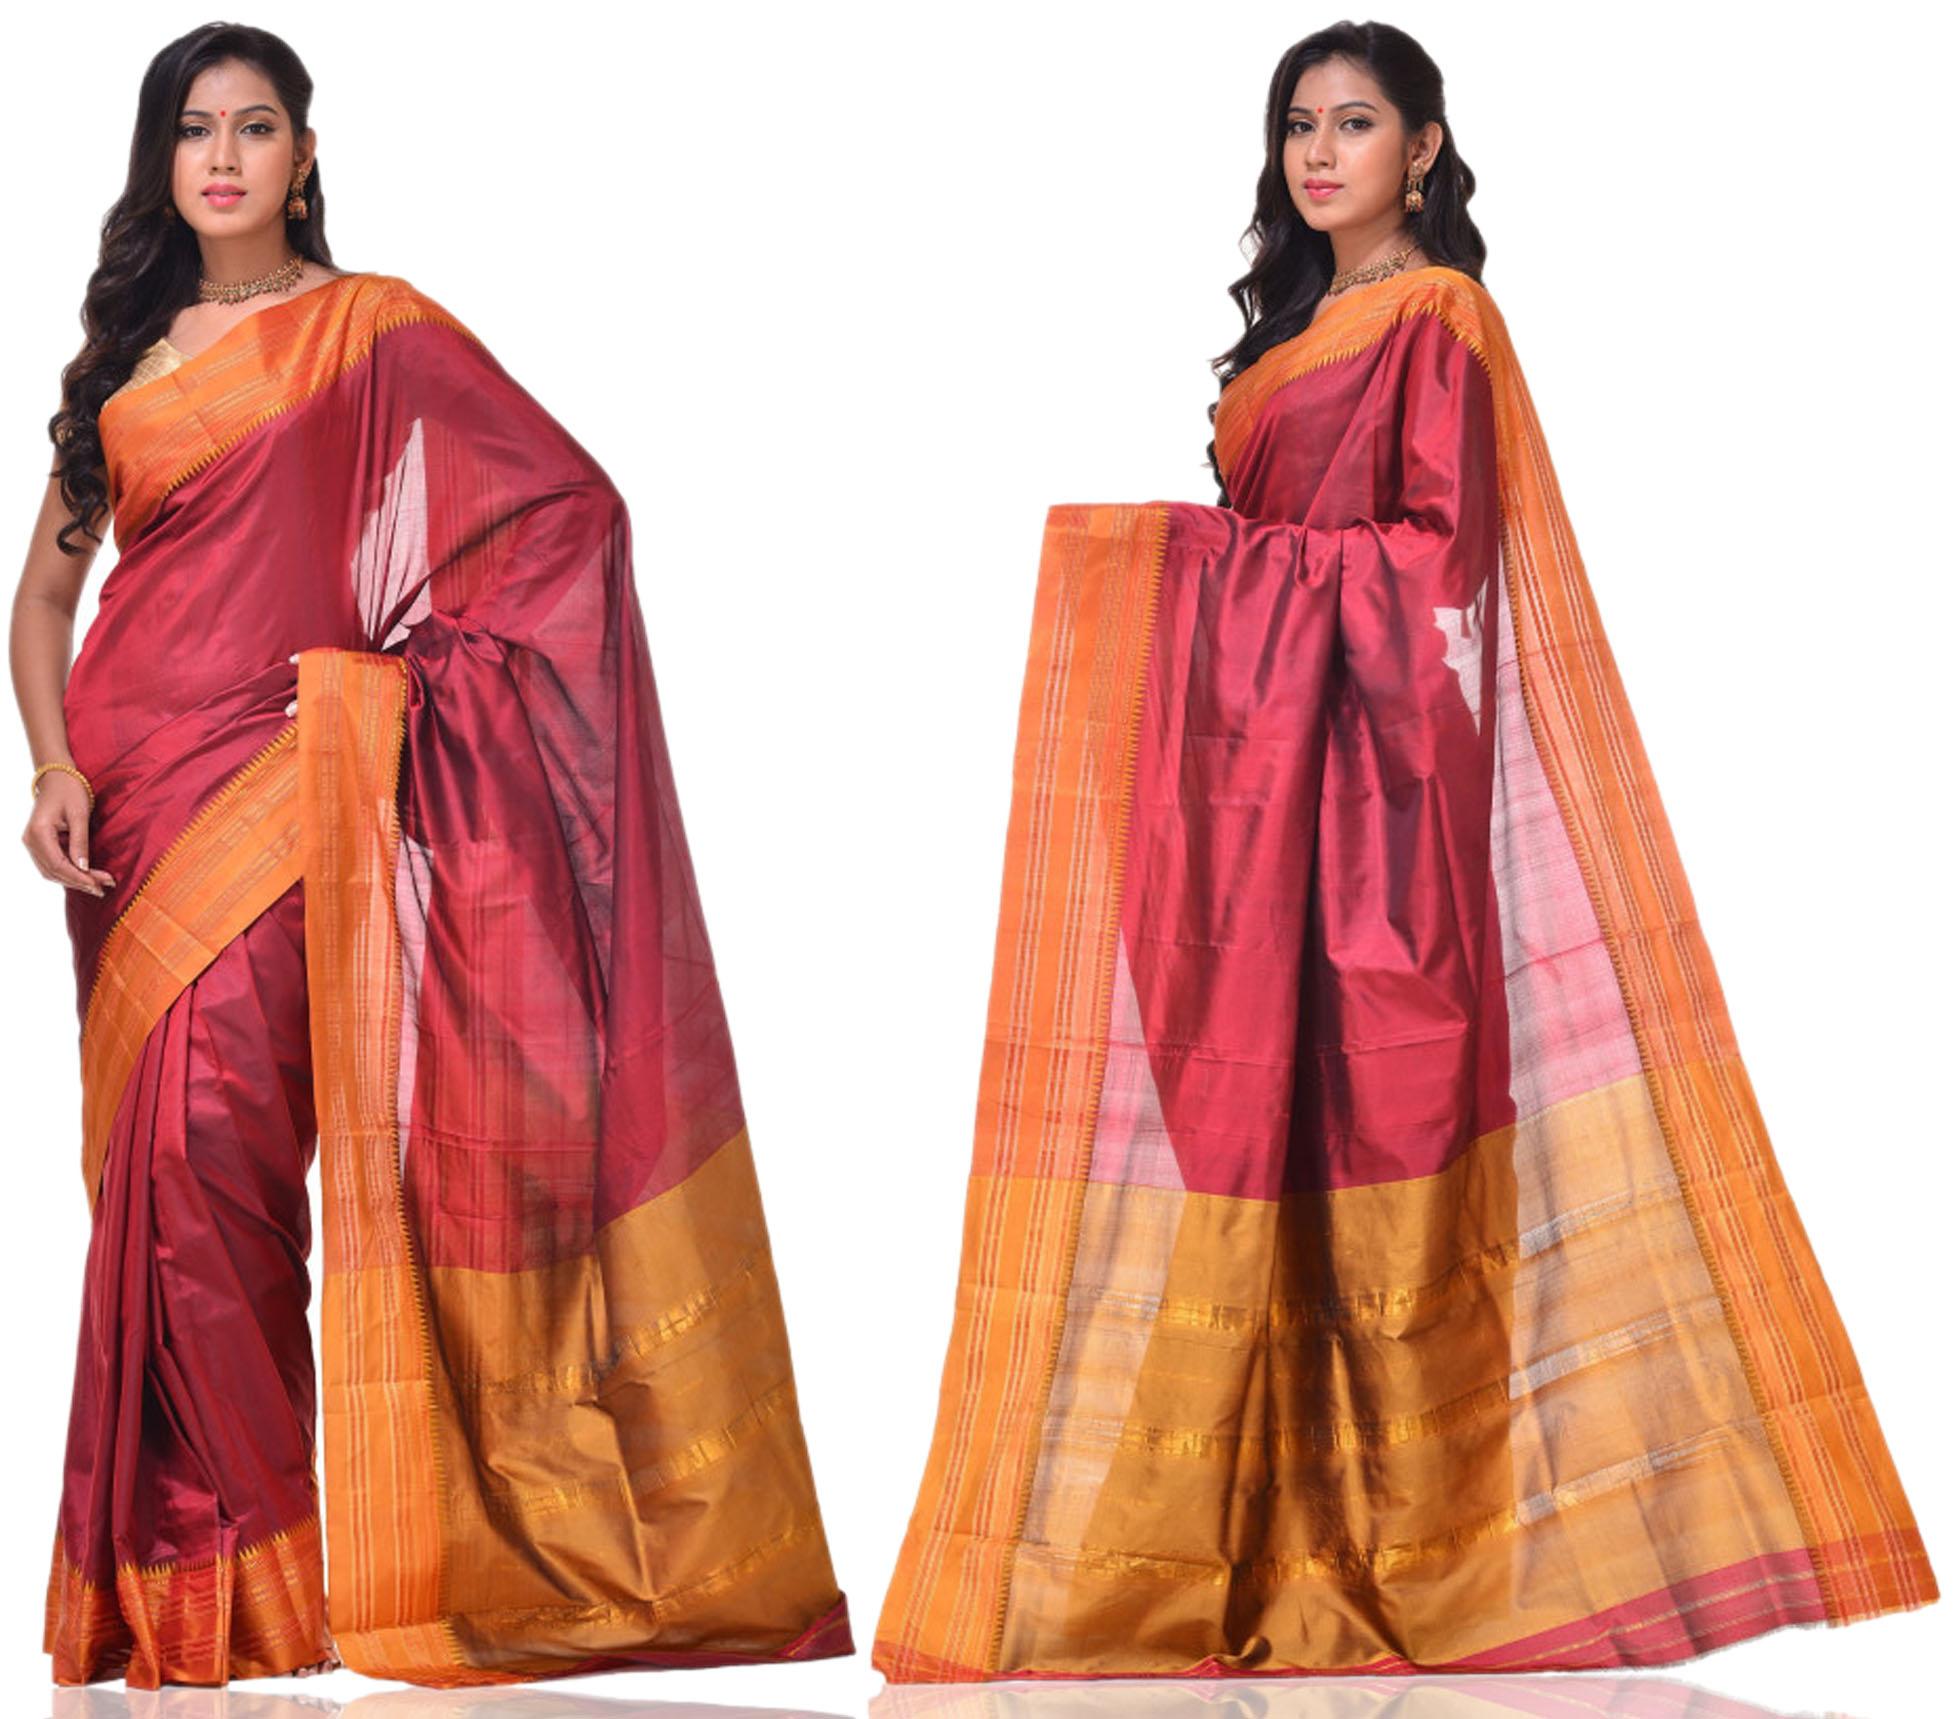 Price:- 4300/-  New Collections of Narayanpet sarees, Narayanpet silk sarees, Narayanpet cotton sarees, Narayanpet sarees online. Sign up now for E-book you will be updated with latest collection of ethnic verities. For More Info Click on: - www.uppada.com  We manufacture of Uppada sarees, Paithani sarees, Banarasi sarees, Venkatagiri Sarees, Gadwal Sarees, Khadi sarees, Hand Painted Kalamkari Dupatta, Ikkat sarees, Kanchipuram Sarees, Dupattas, Stoles etc. For more info us at 040 64640303, 441905005. Buy online: - uppada.com  - by Paithani, Hyderabad